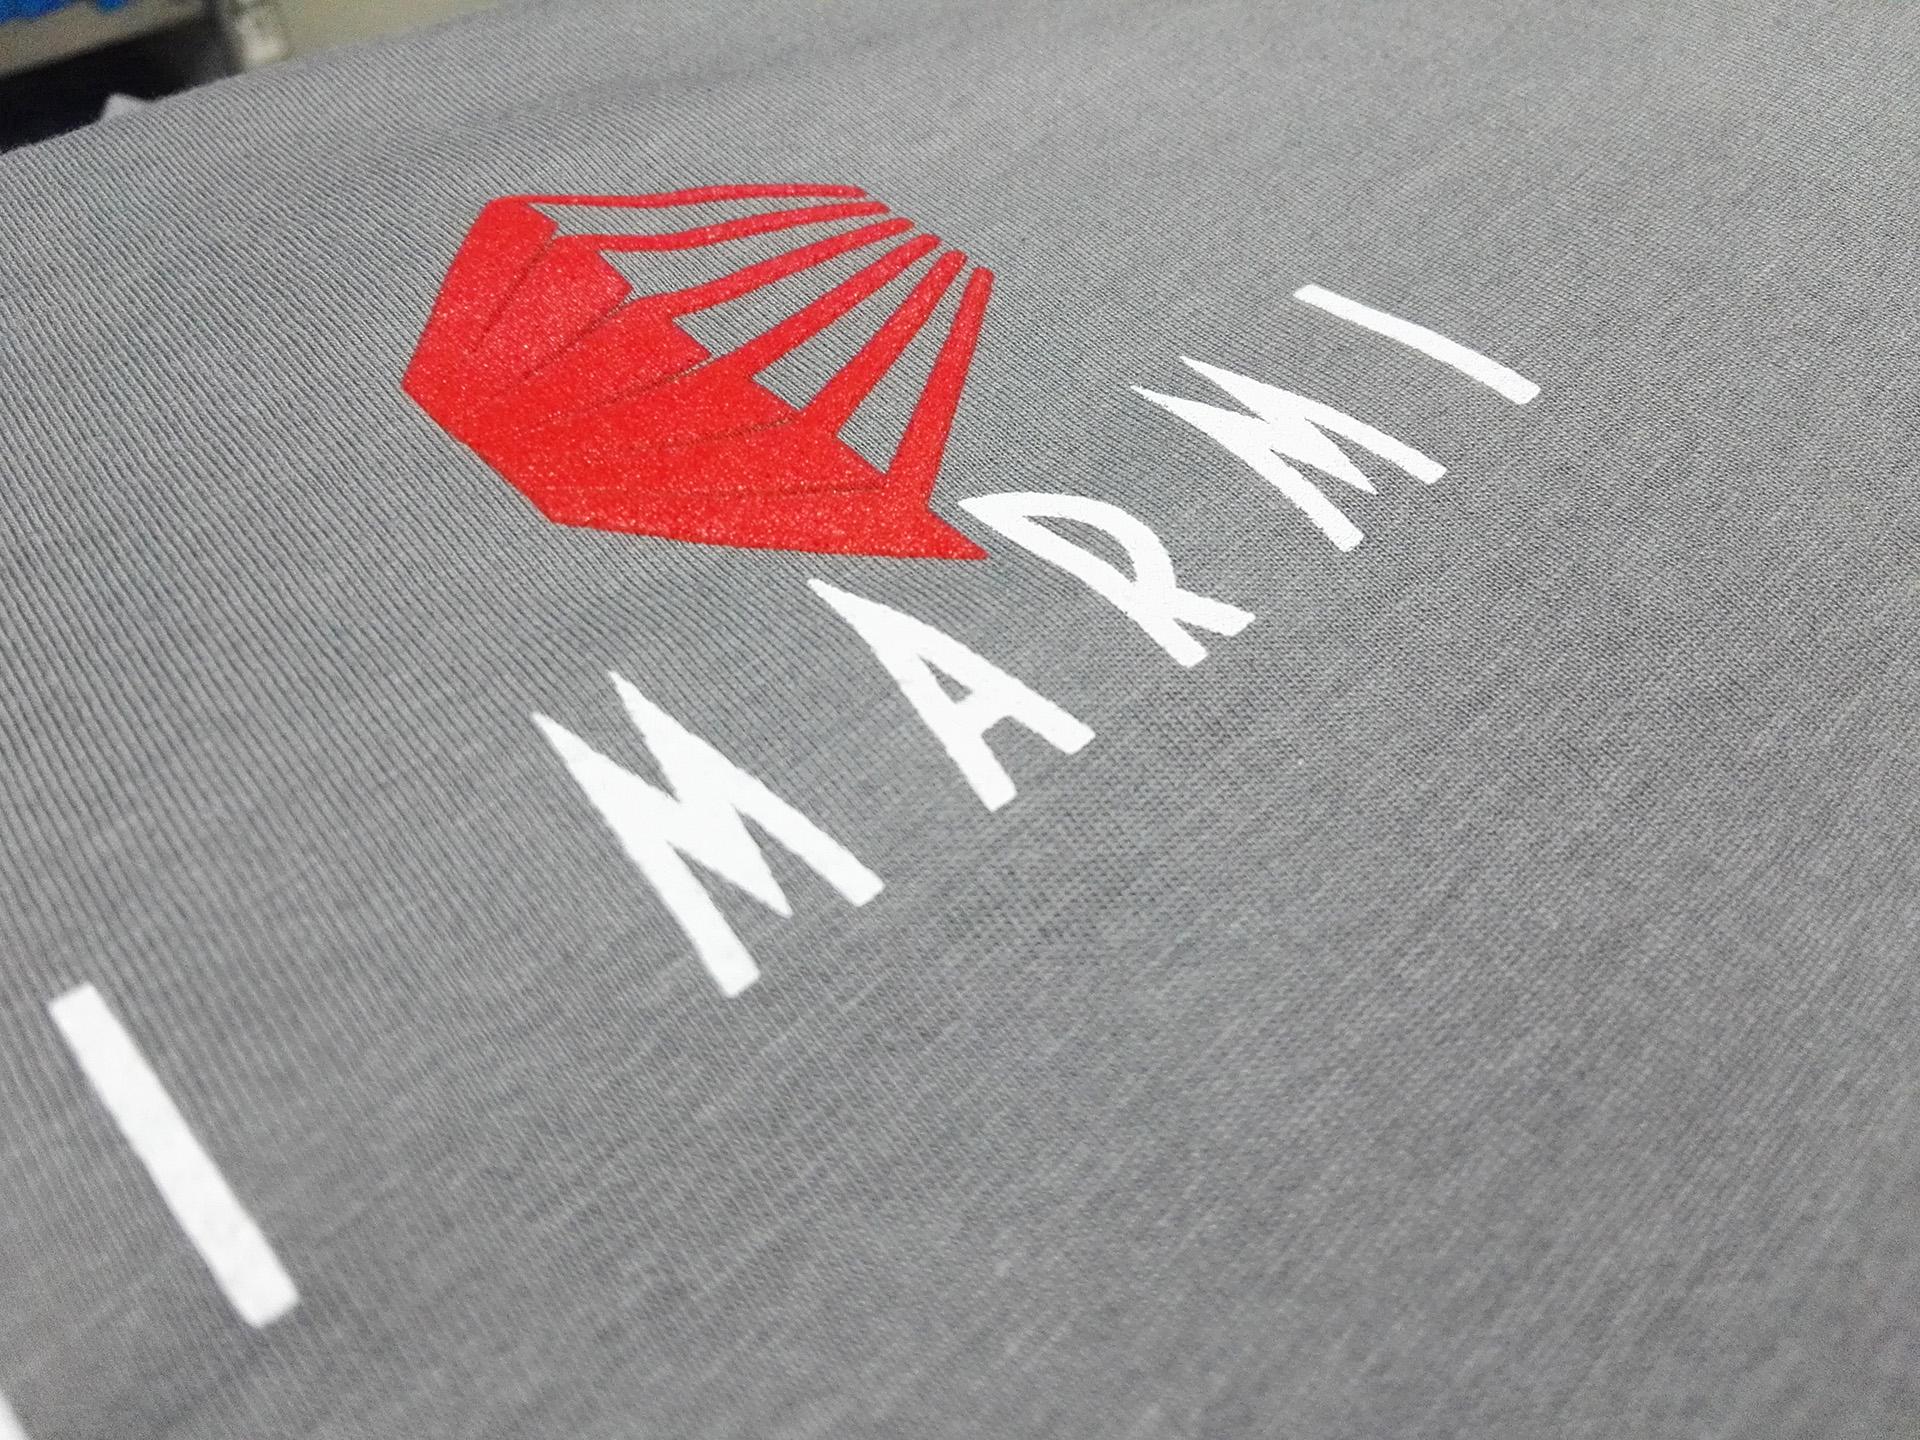 personalizzazione abbigliamento per aziende - stampa serigrafica